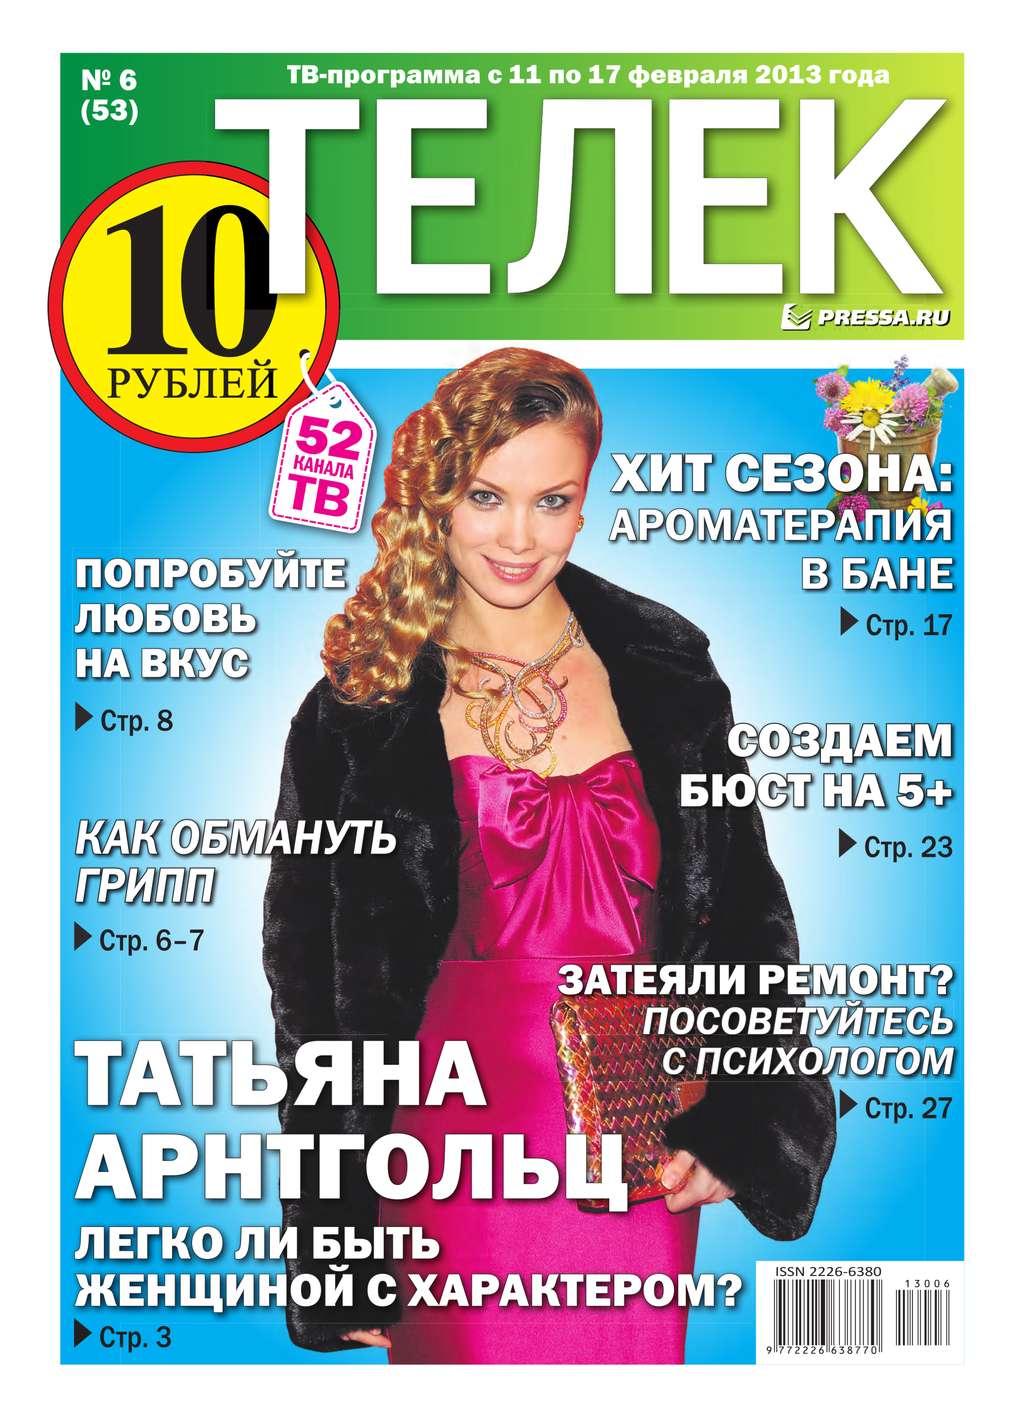 Редакция газеты ТЕЛЕК PRESSA.RU Телек 06-2013 газеты